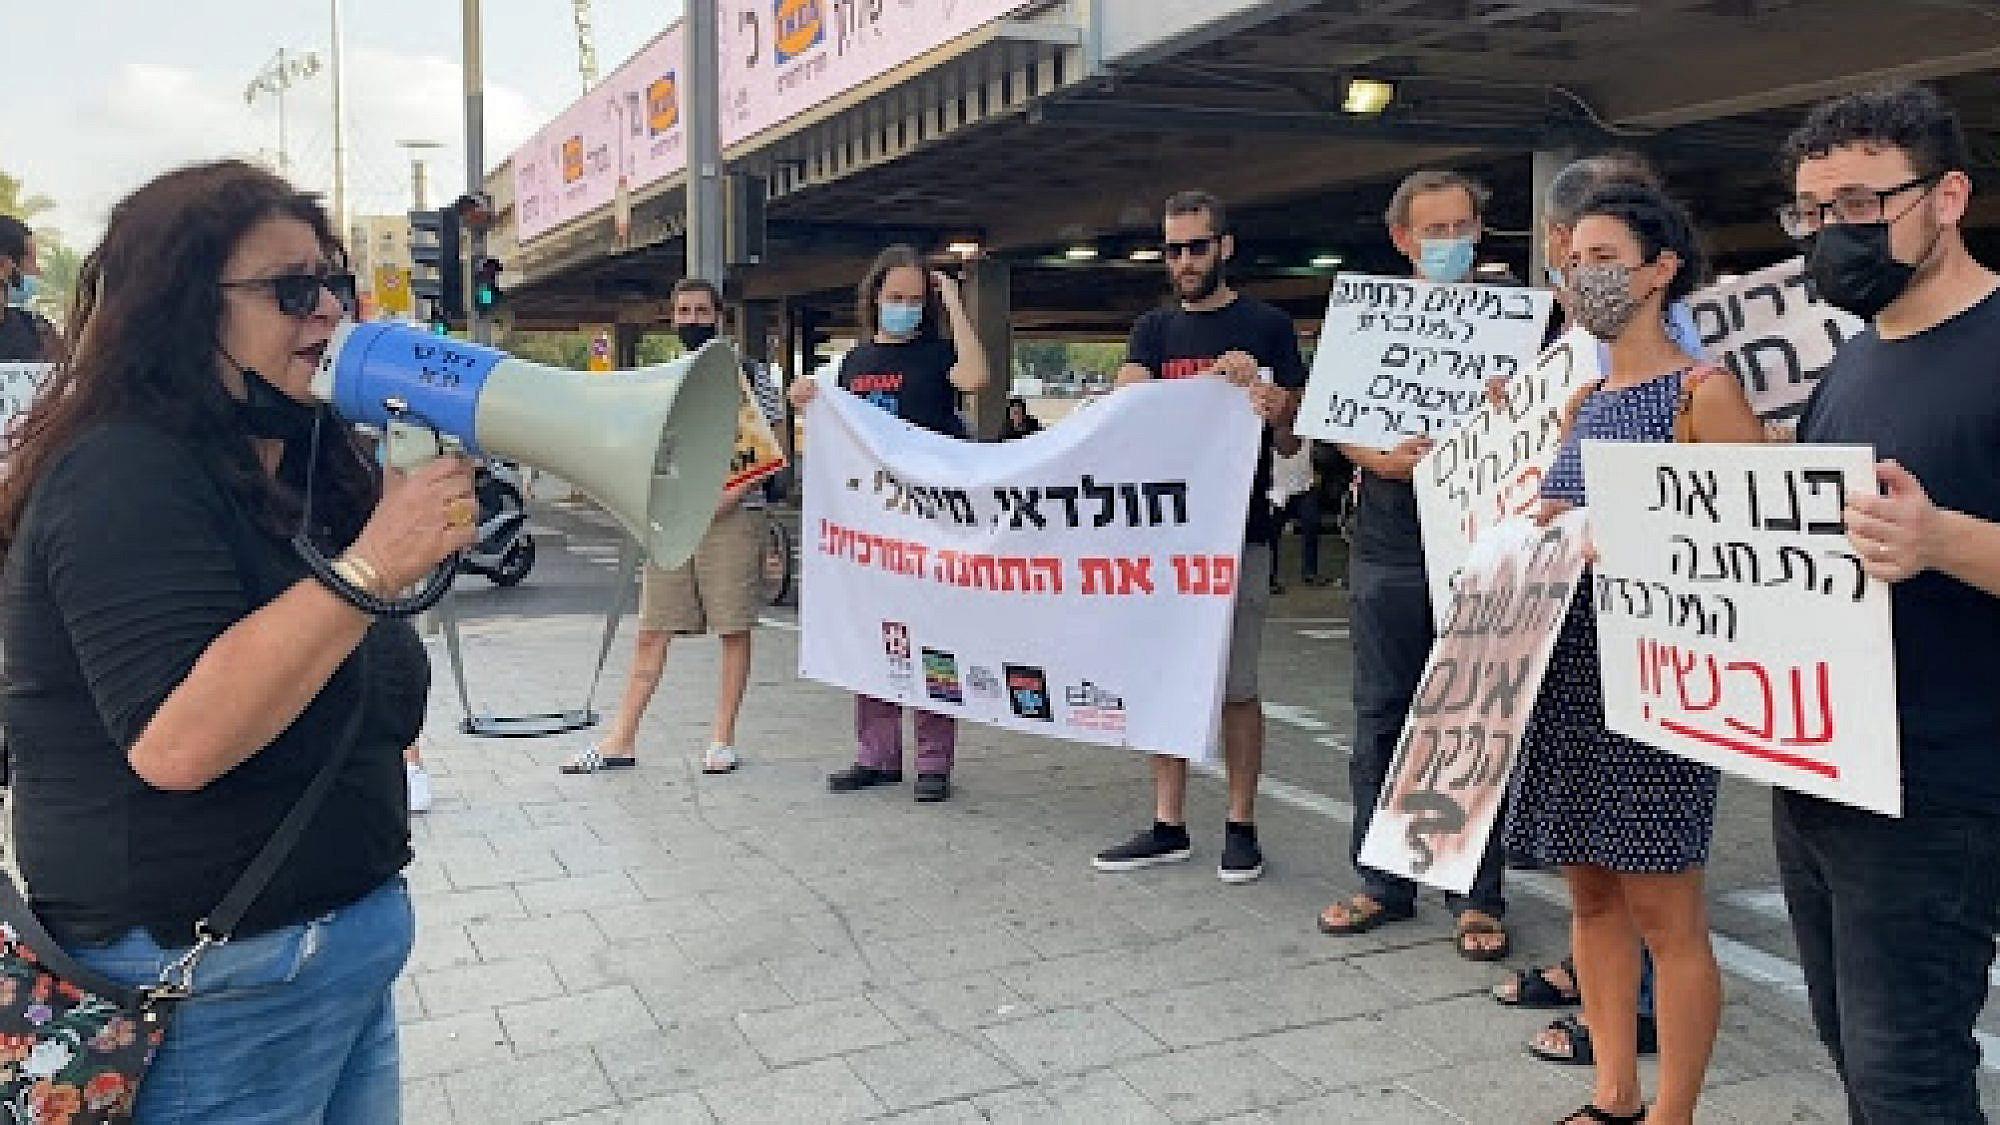 הפגנת תמיכה בדרישת חברת המועצה שולה קשת (משמאל עם המגאפון) לפינוי התחנה המרכזית החדשה (צילום: אלונה עמרם)